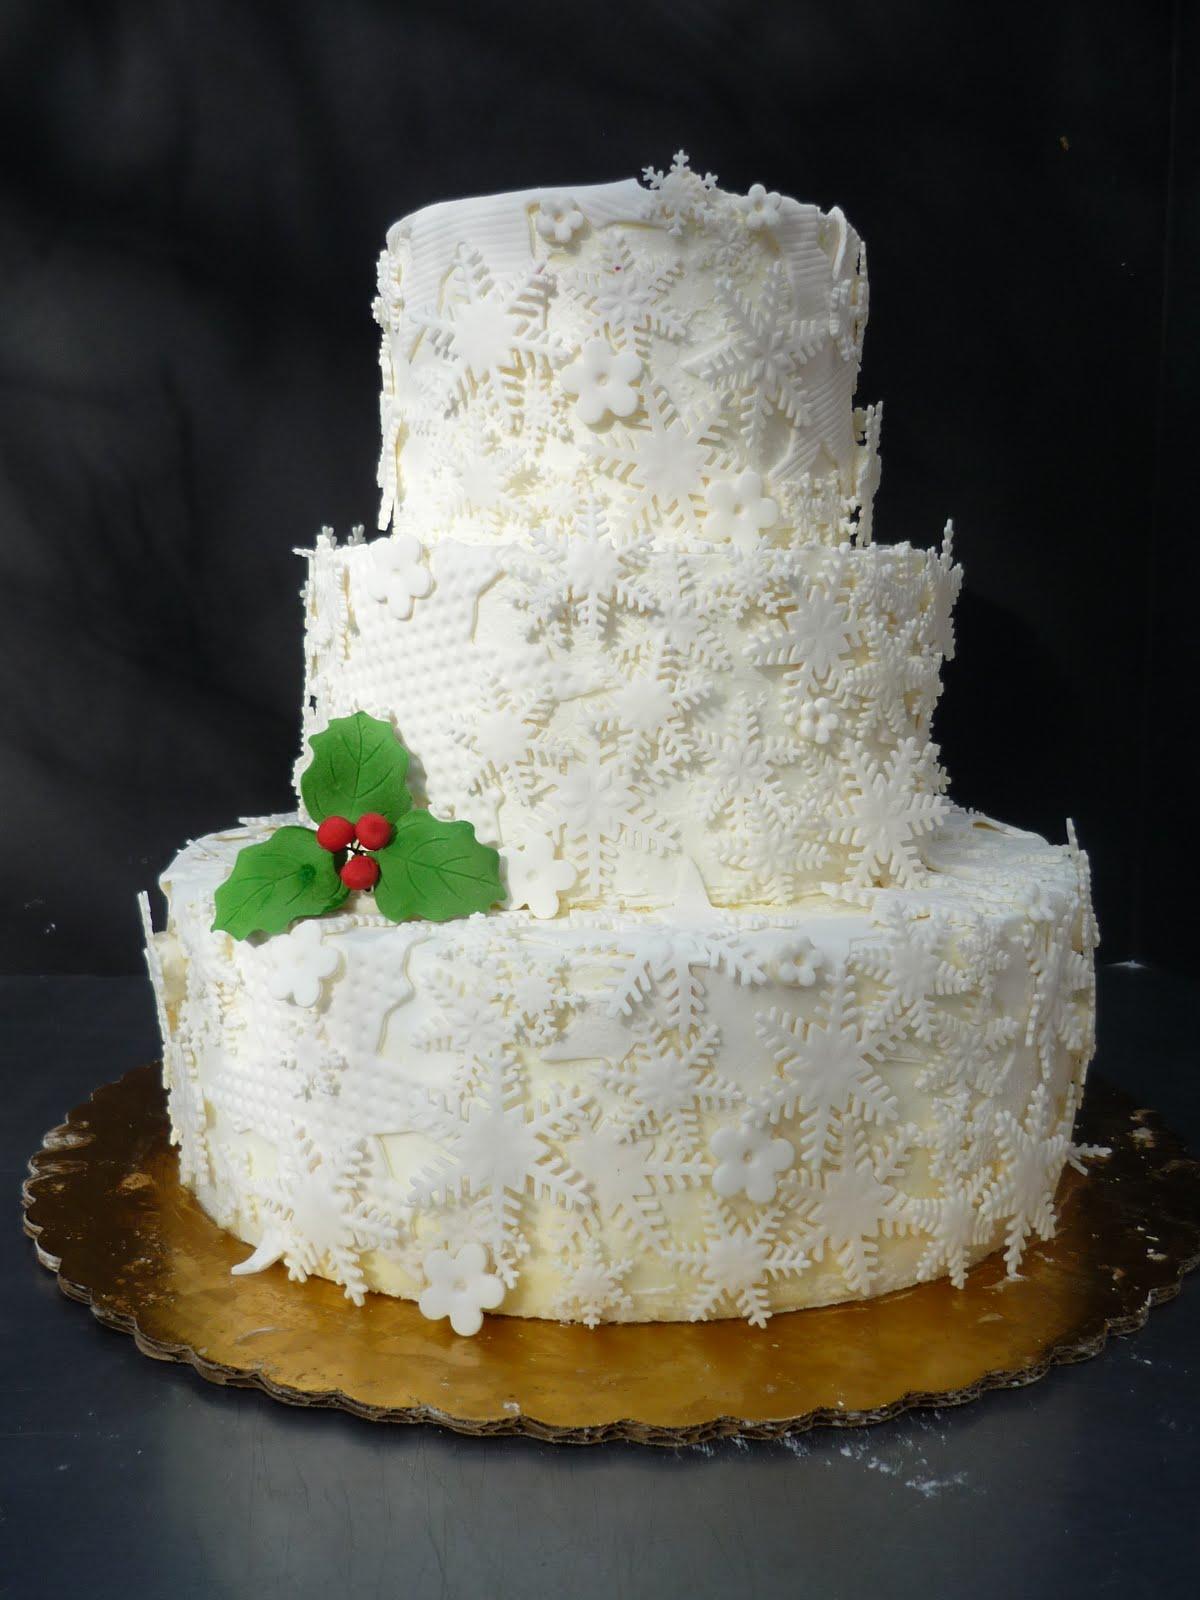 Artisan Bake Shop: December 2010